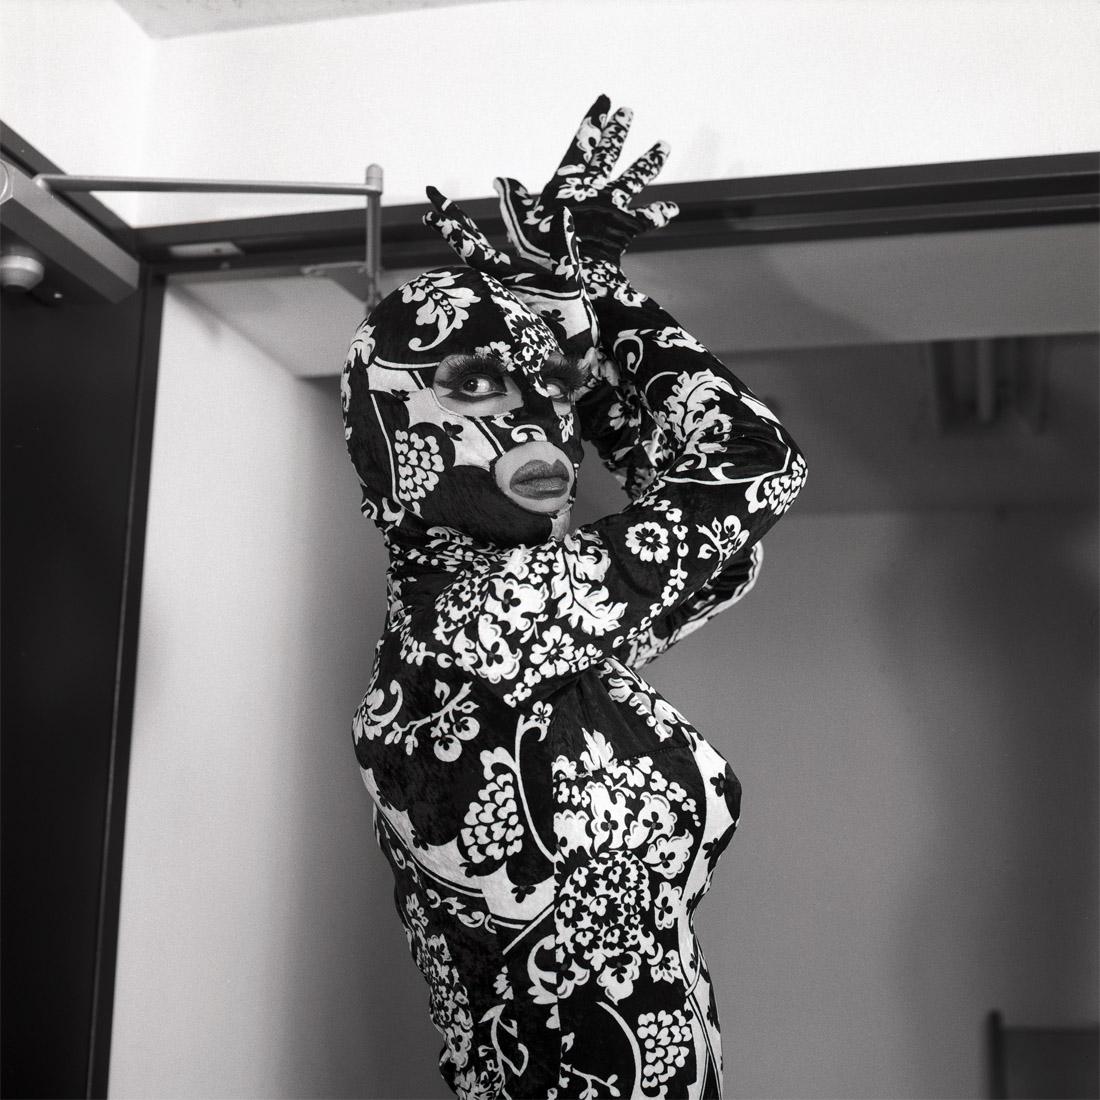 -Jean Rault-Simone Fukayuki-Diamonds are forever-Kyoto-2007*